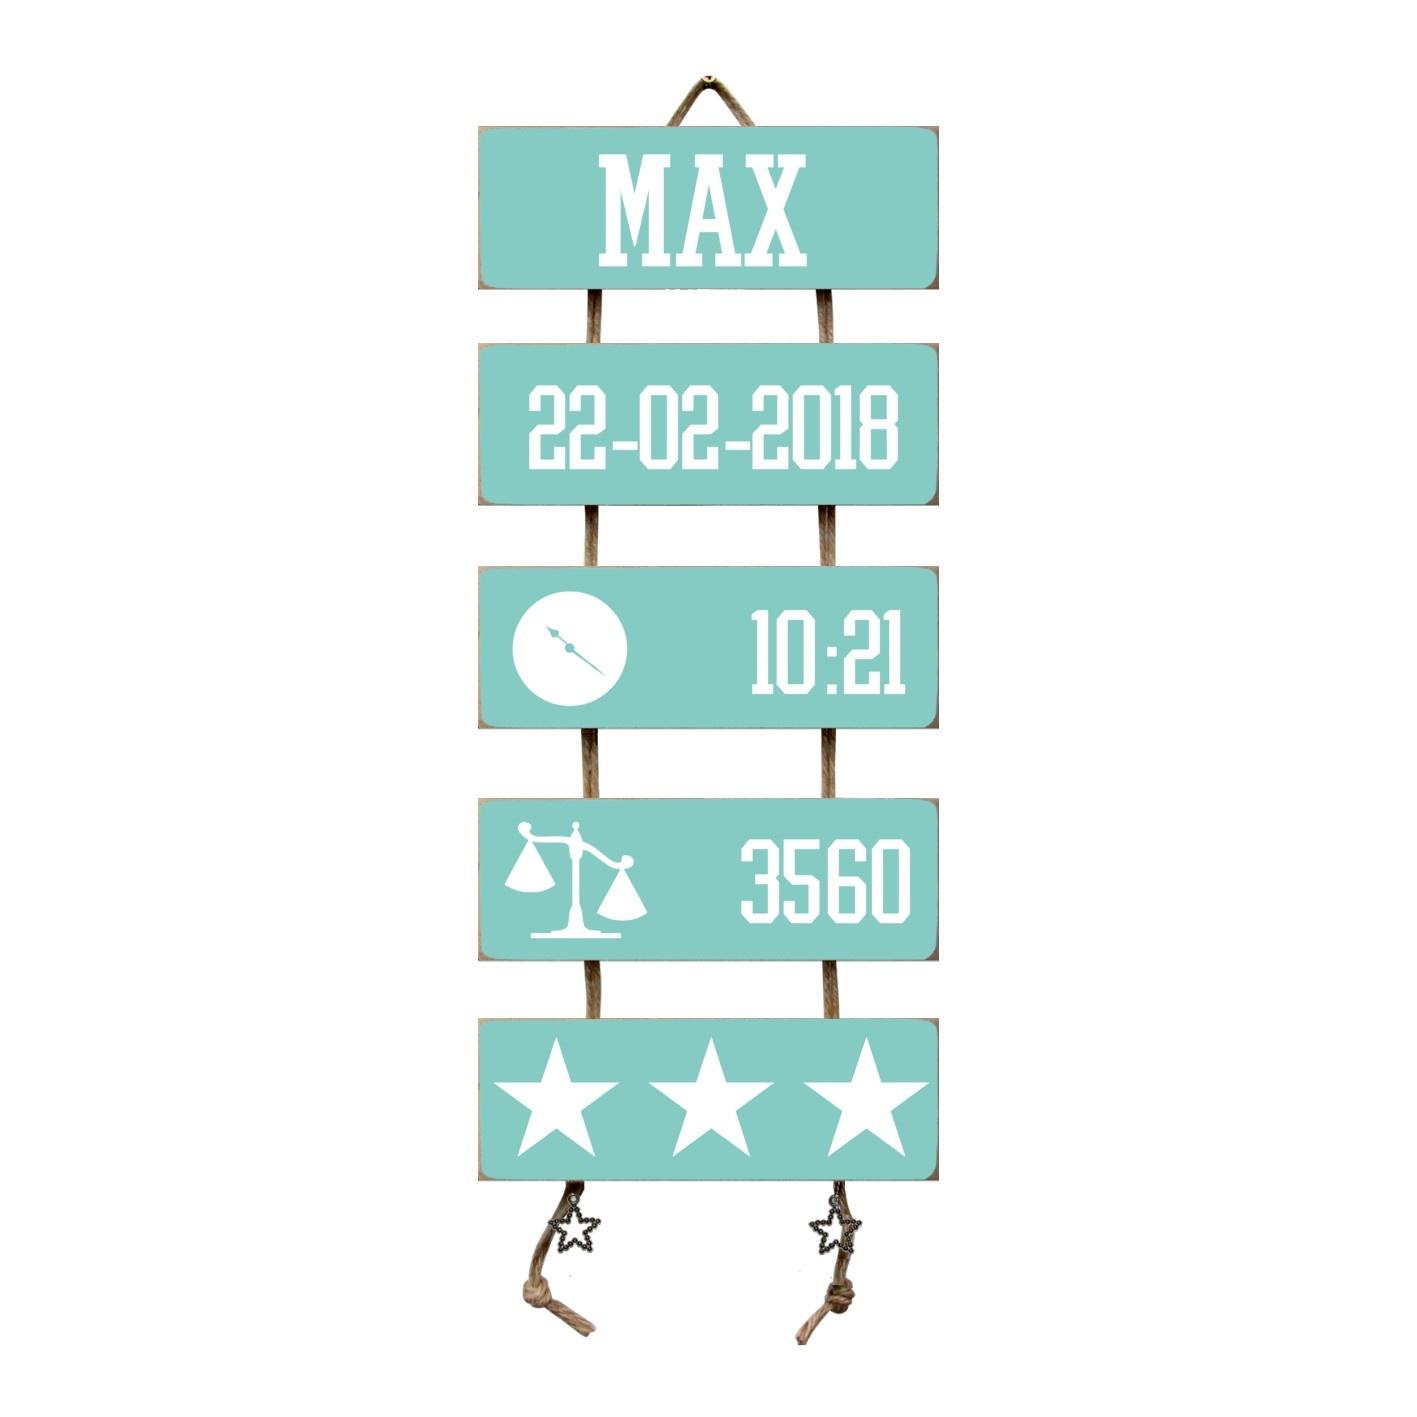 Kraamcadeau Geboorteladder Max mint